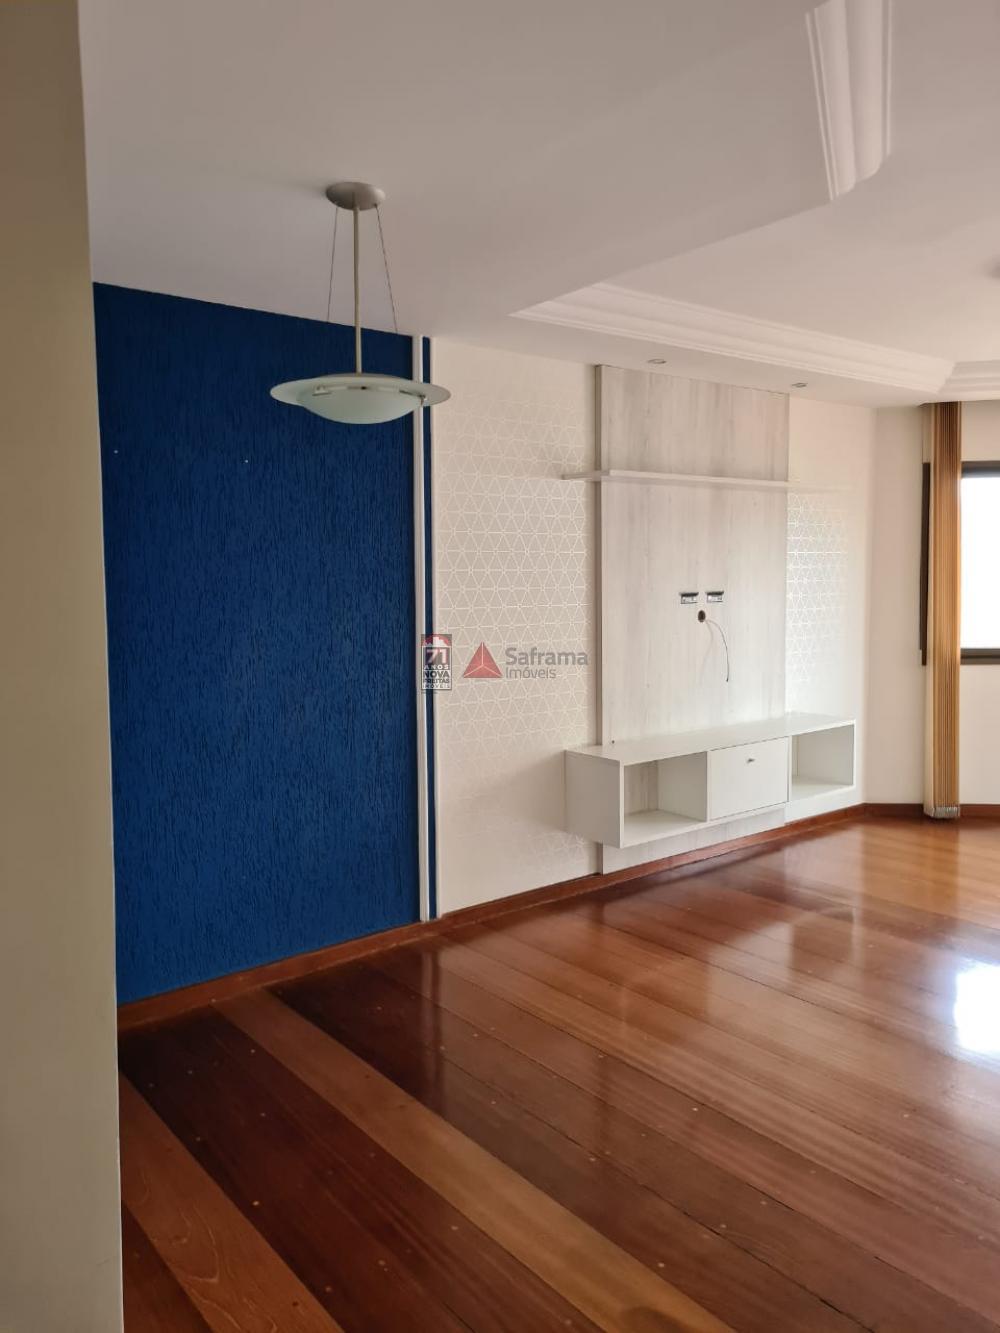 Comprar Apartamento / Padrão em Pindamonhangaba apenas R$ 430.000,00 - Foto 2